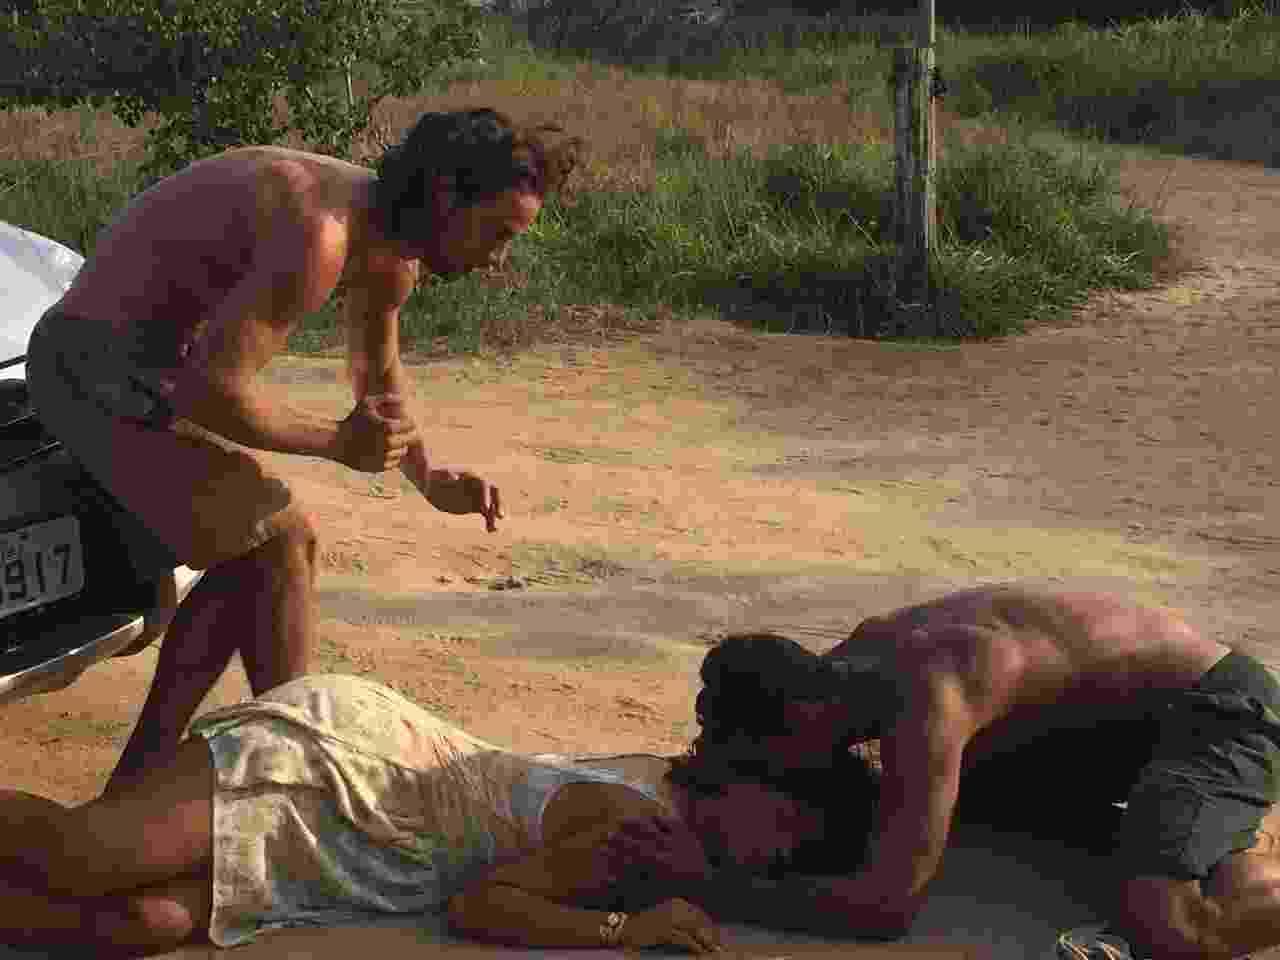 """Em """"Sol Nascente"""", Dora (Juliana Alves) será atropelada por César (Rafael Cardoso). Na cena que irá ao ar nesta segunda (31), ela busca a bola de uma das crianças e, no descuido, acaba sendo atingida pelo vilão que dirige em altíssima velocidade. O acidente não é intencional. César fica nervoso e chama a ambulância, enquanto Dora é acudida pelo marido, Tiago (Marcelo Mello Jr.), e por Nuno (Pablo Morais). Os dois a levam para o posto médico de Arraial do Sol Nascente, mas Dora acaba perdendo o bebê - Divulgação/TV Globo"""